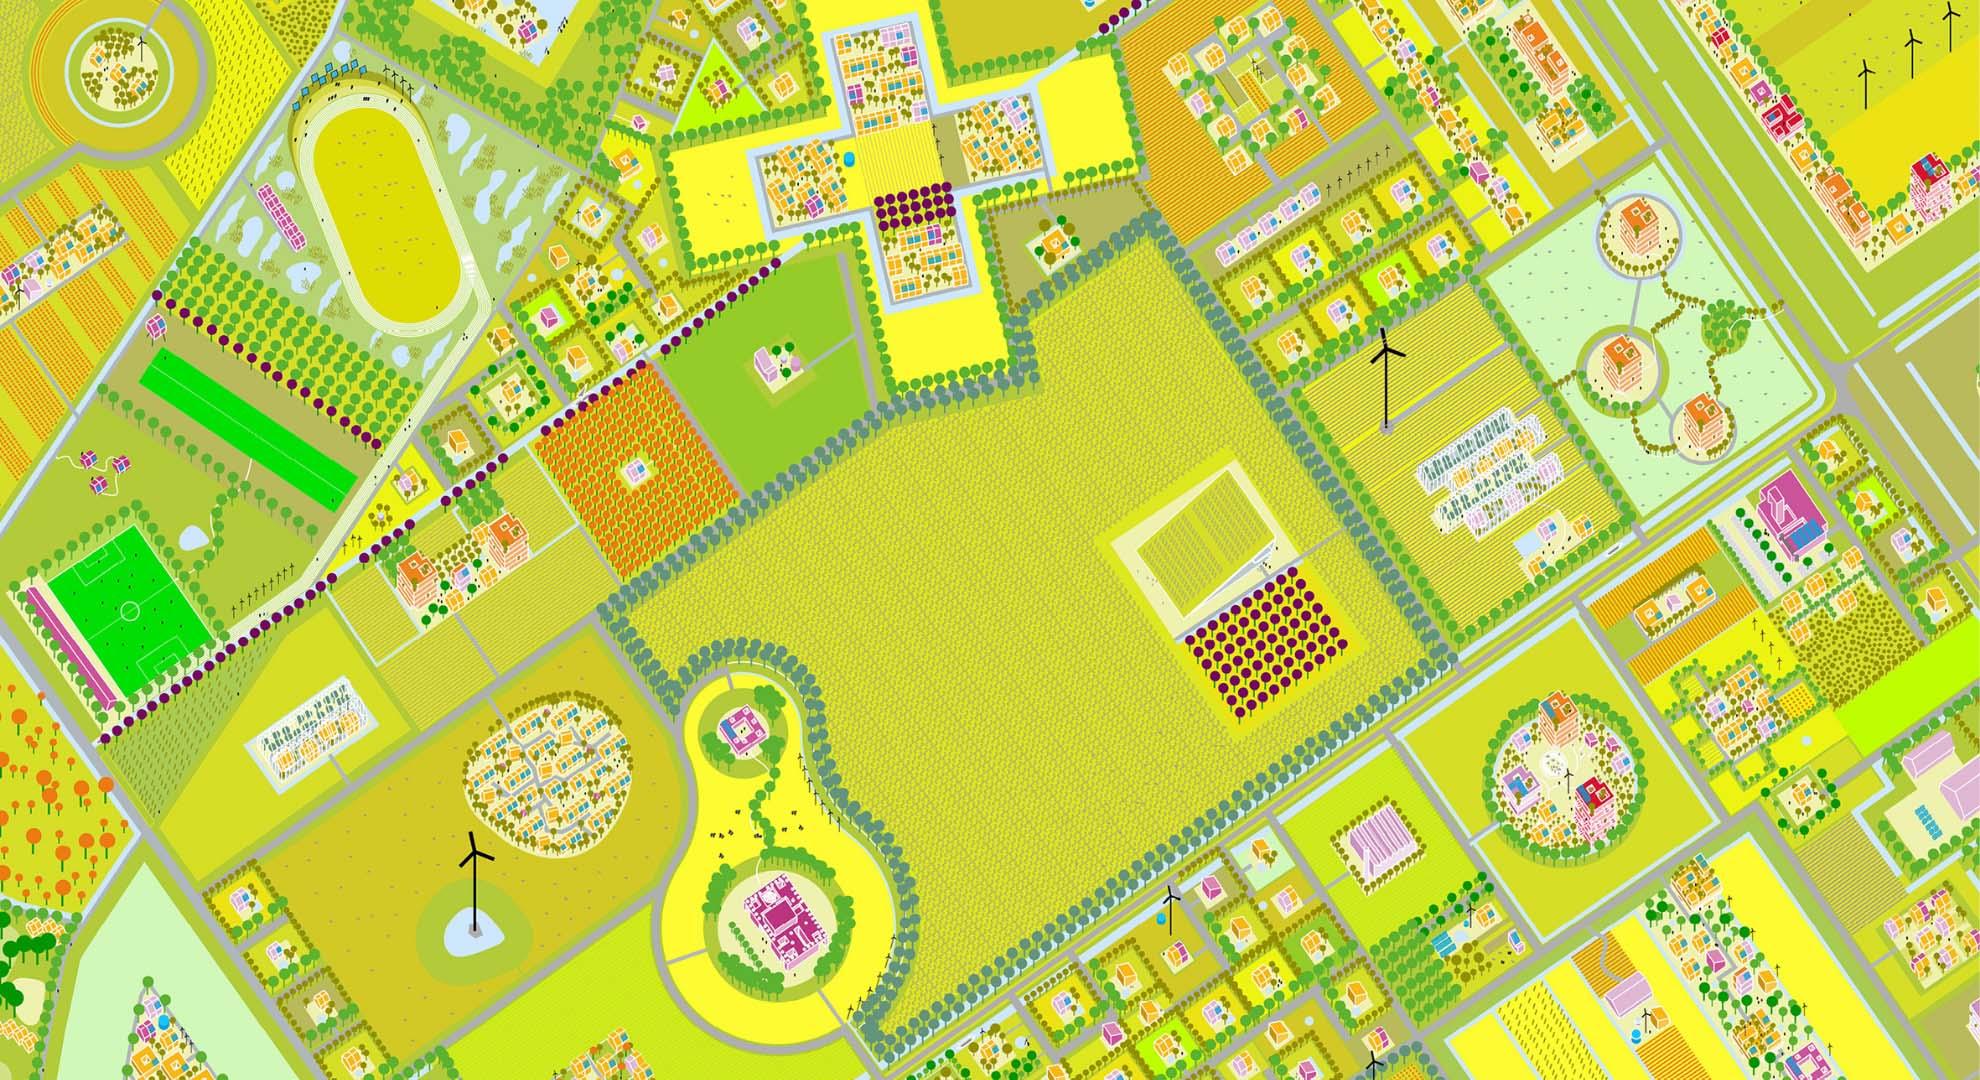 La agricultura urbana puede ser una de las maneras en las que la pandemia global transforme nuestro entorno.